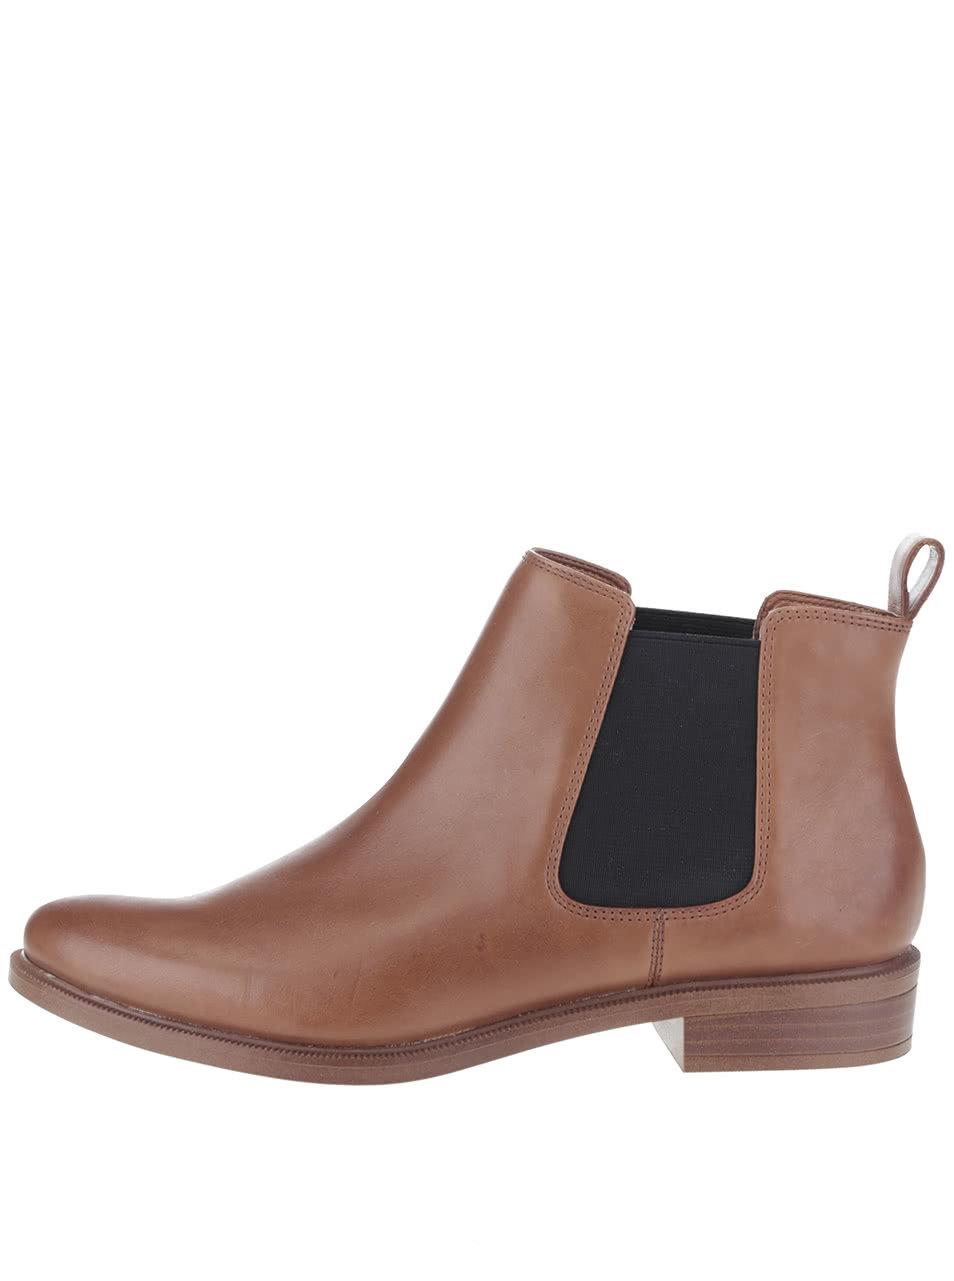 c05b63dd62a6 Hnedé dámske kožené chelsea topánky Clarks Taylor ...